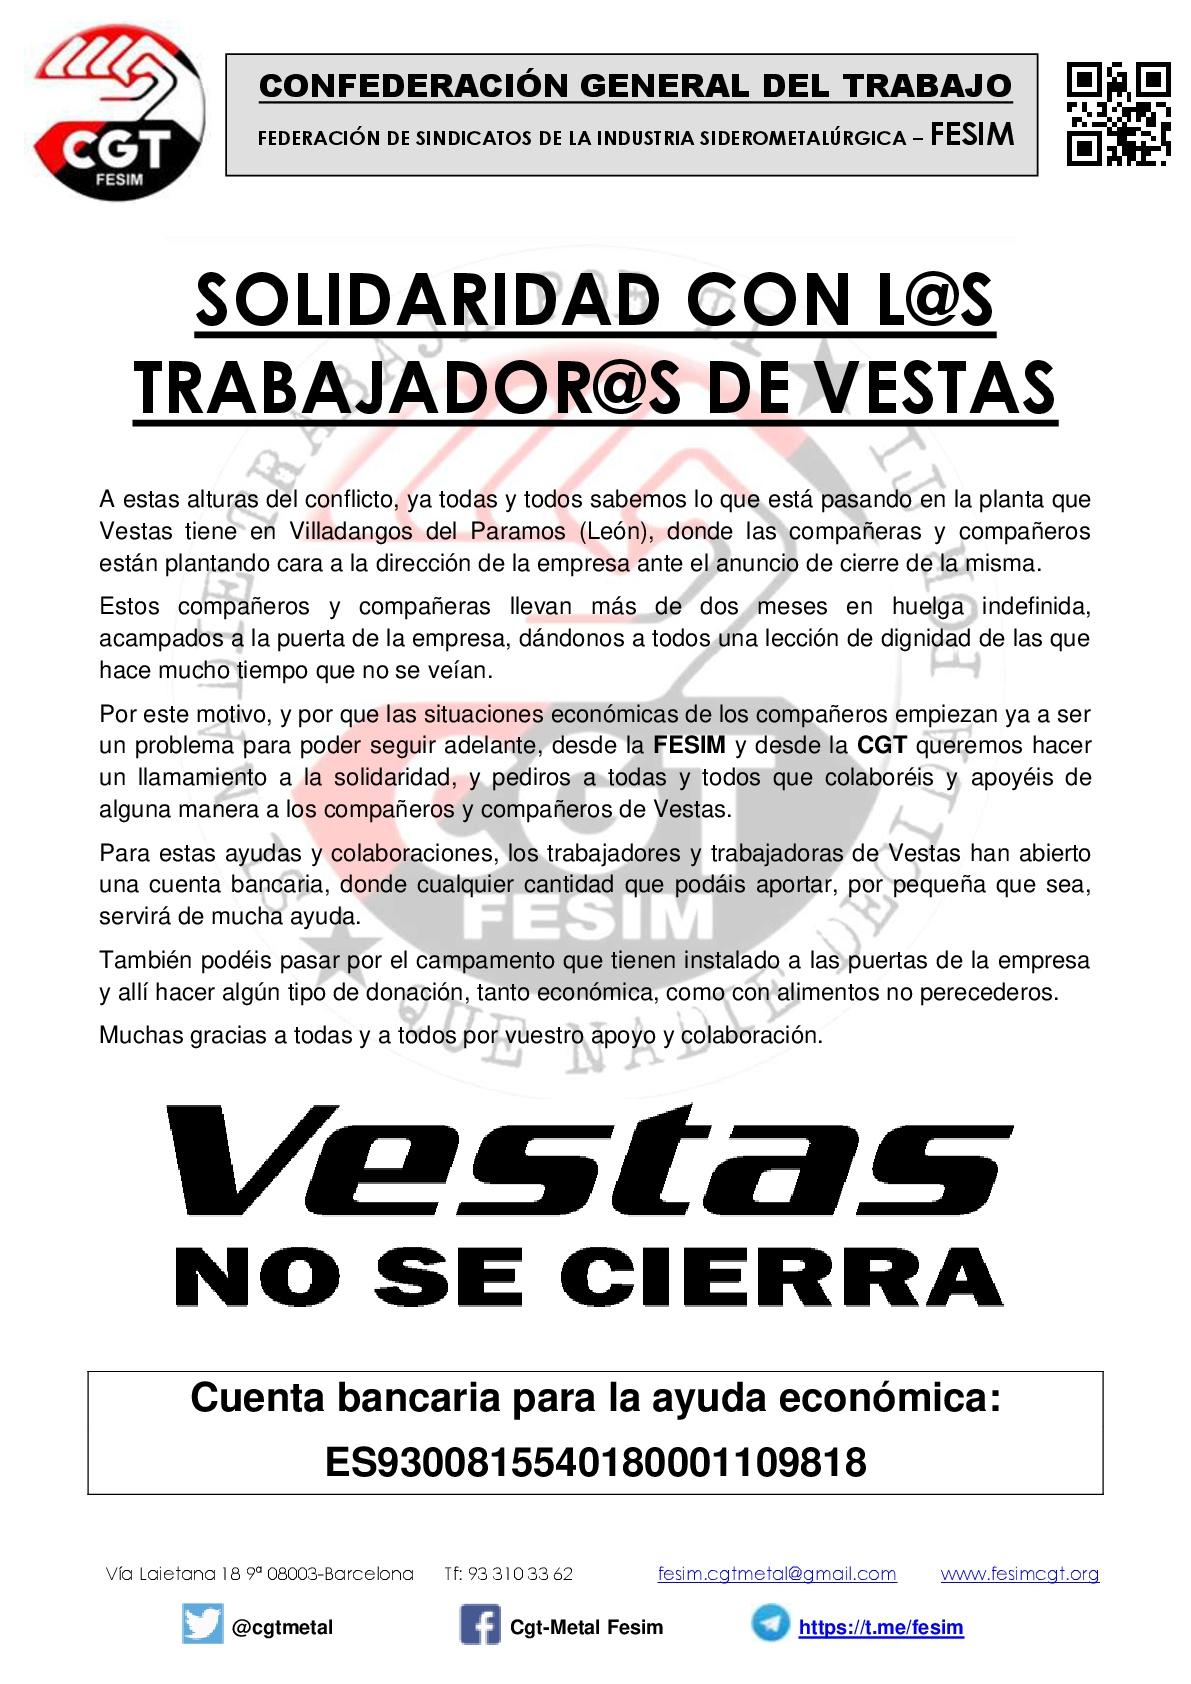 Solidaridad trabajadores Vestas-001